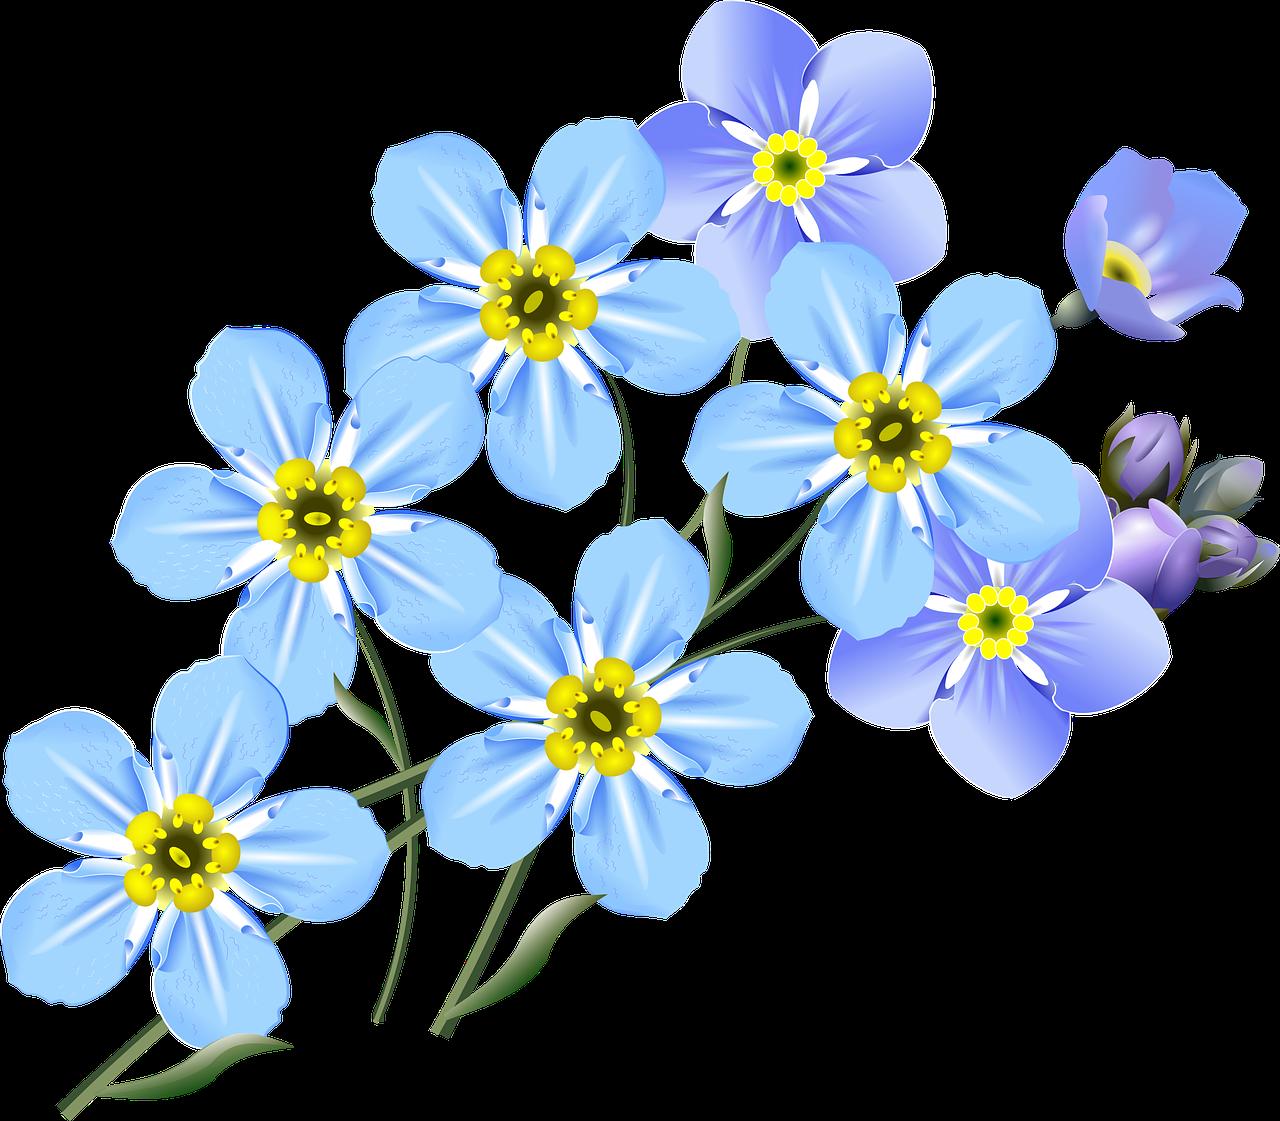 Gratis Obraz Na Pixabay Rysunek Pomnenky Niebieski Kwiat Flower Drawing Realistic Flower Drawing Easy Drawings